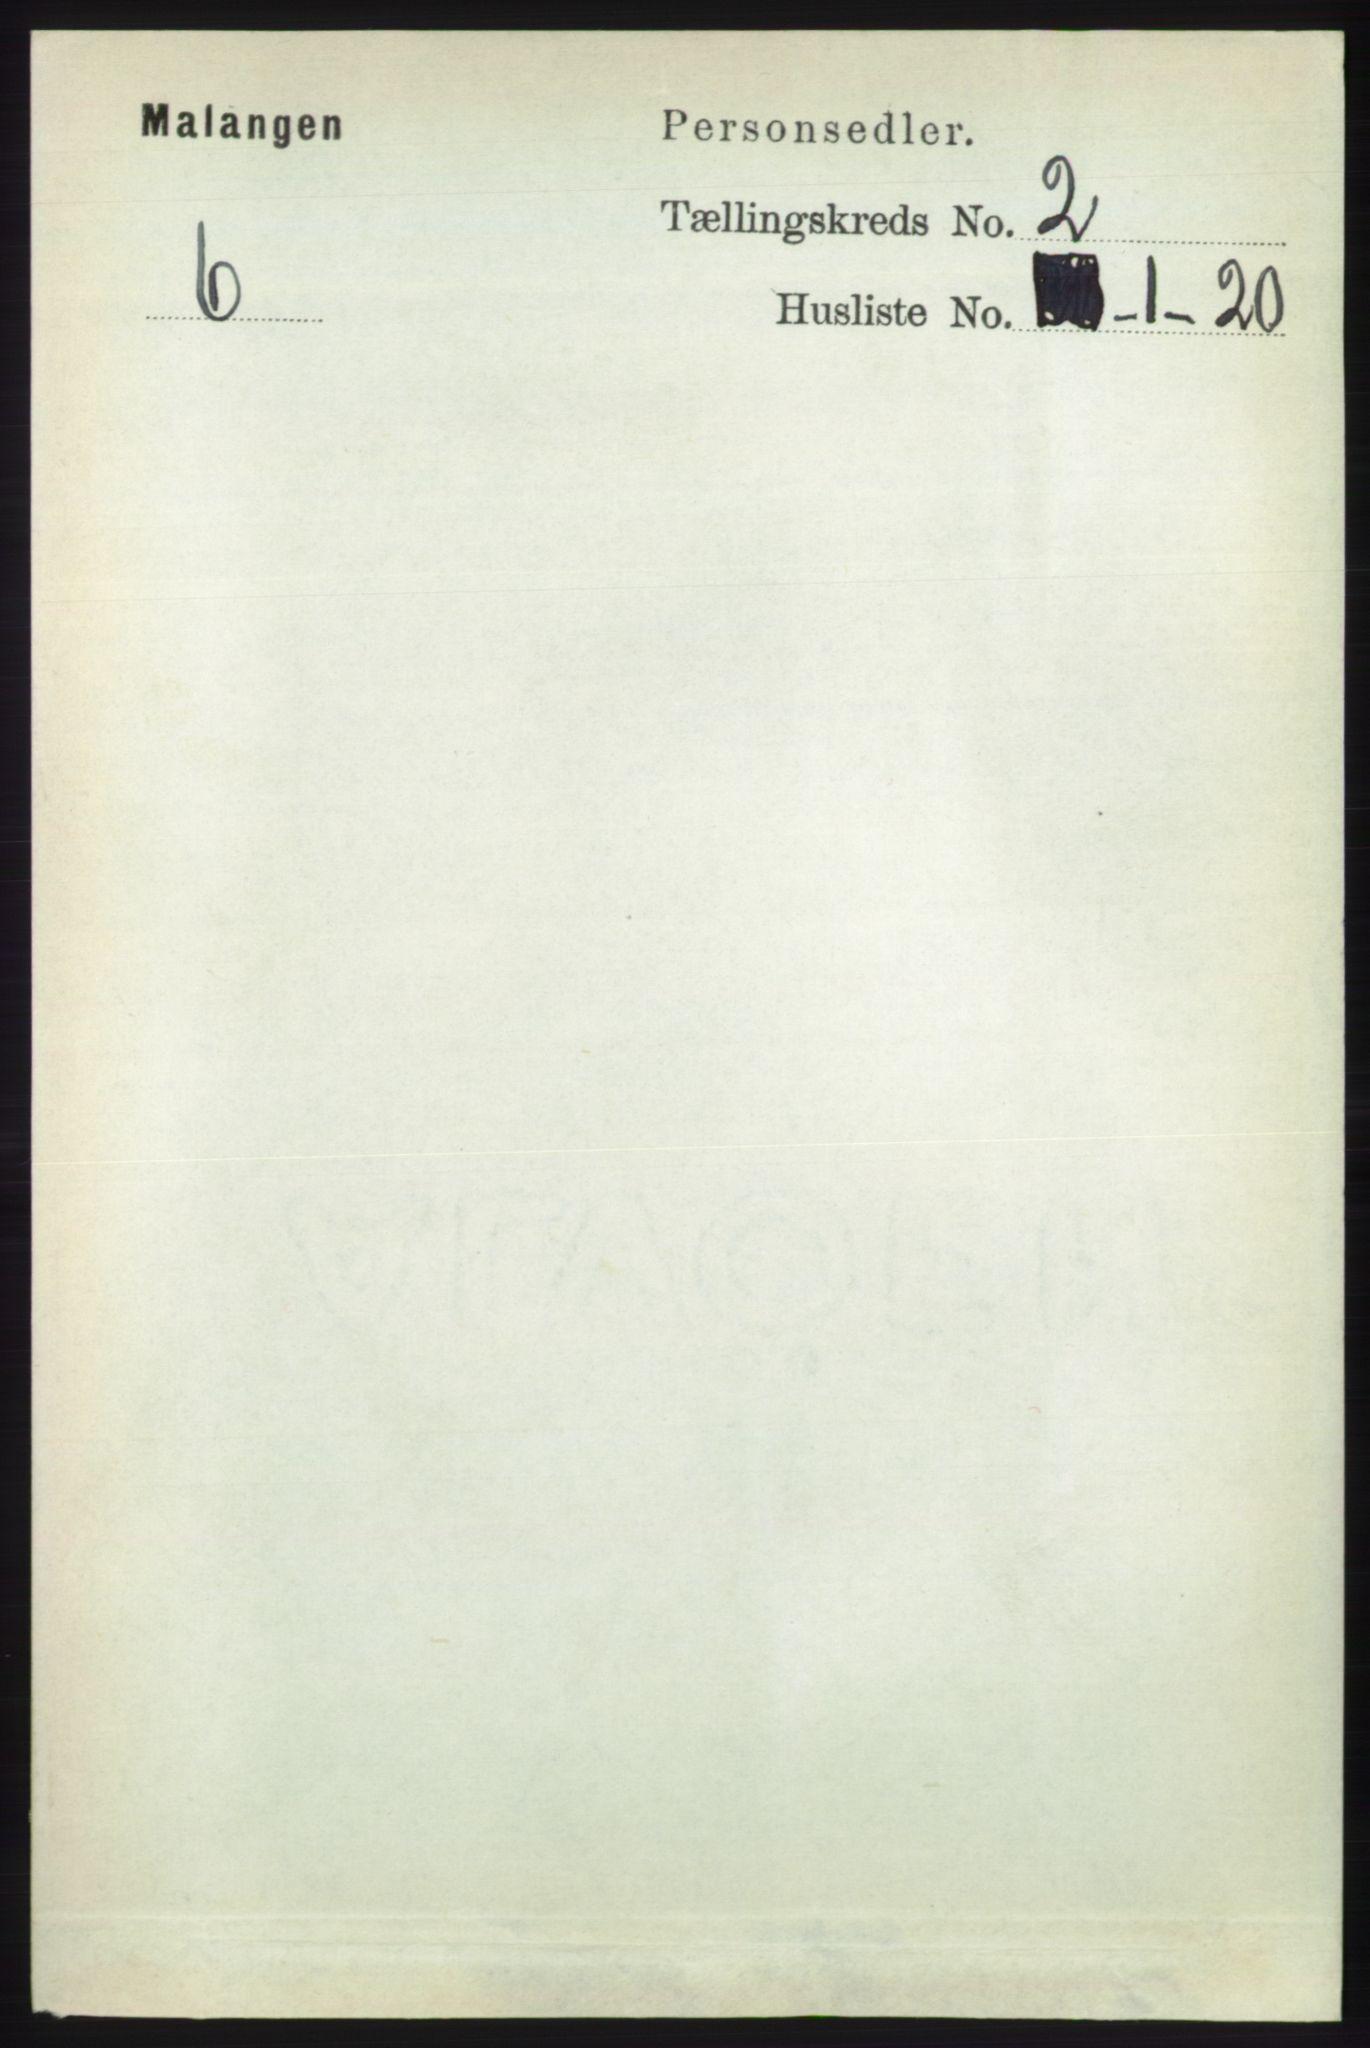 RA, Folketelling 1891 for 1932 Malangen herred, 1891, s. 442